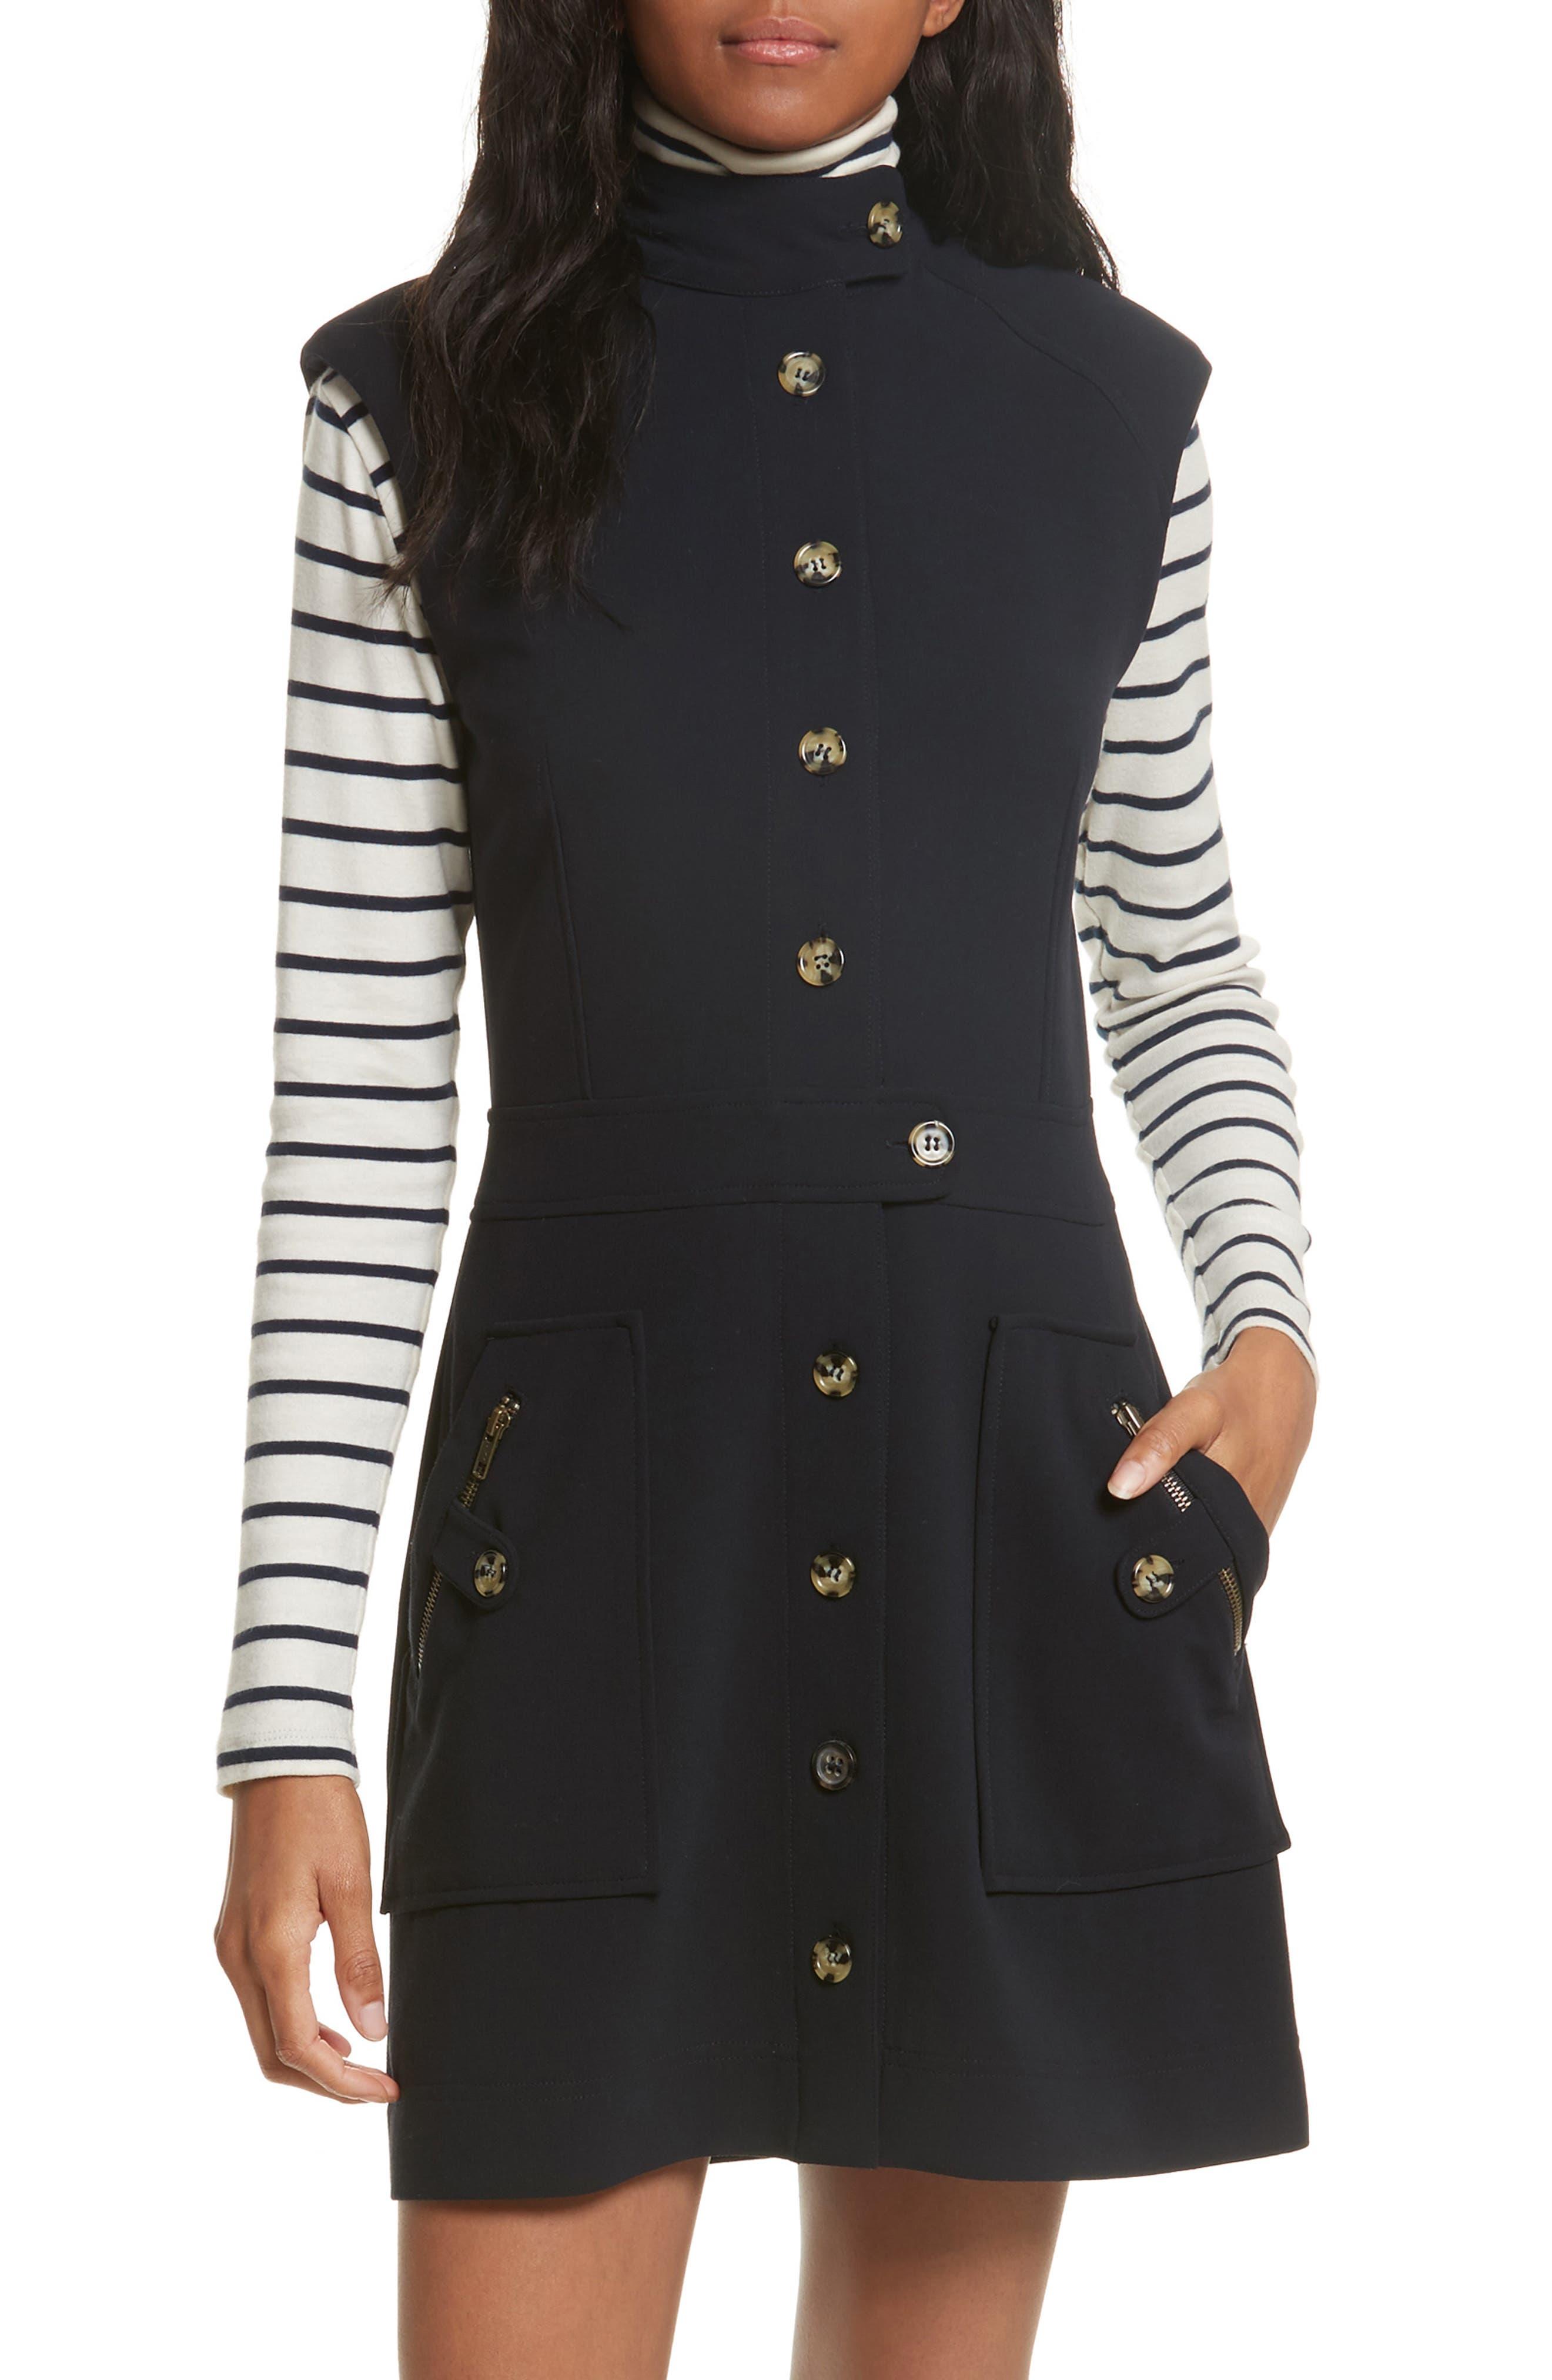 Veronica Beard Leigh Mod Dress